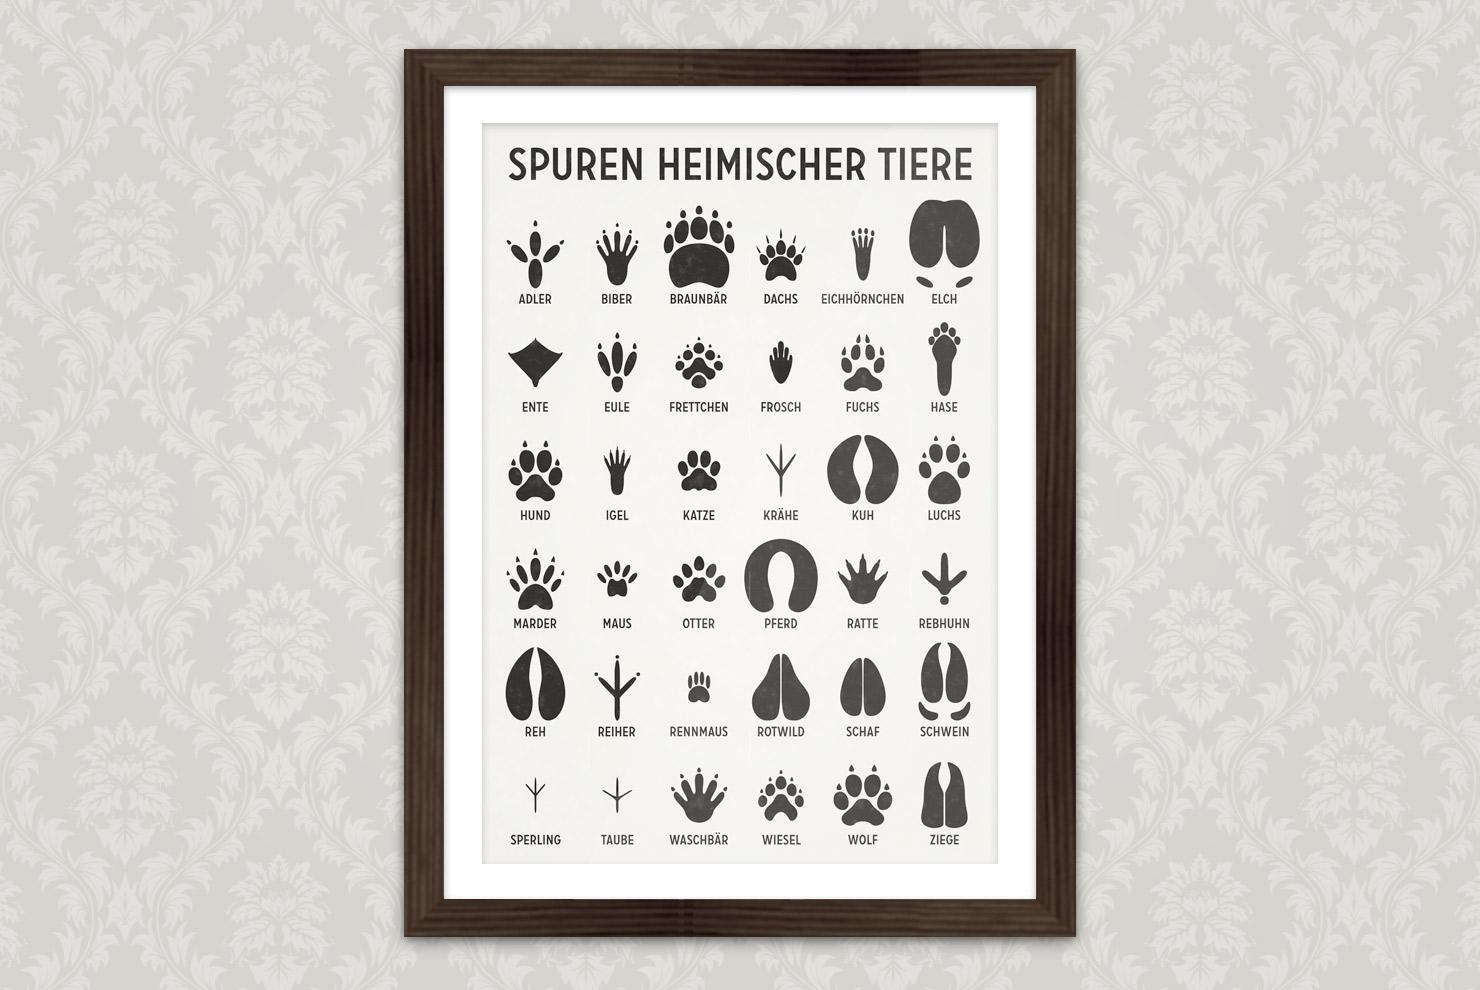 Poster mit Infografik zur Bestimmung von Tierspuren, den Spuren heimischer Tiere, von Iris Luckhaus